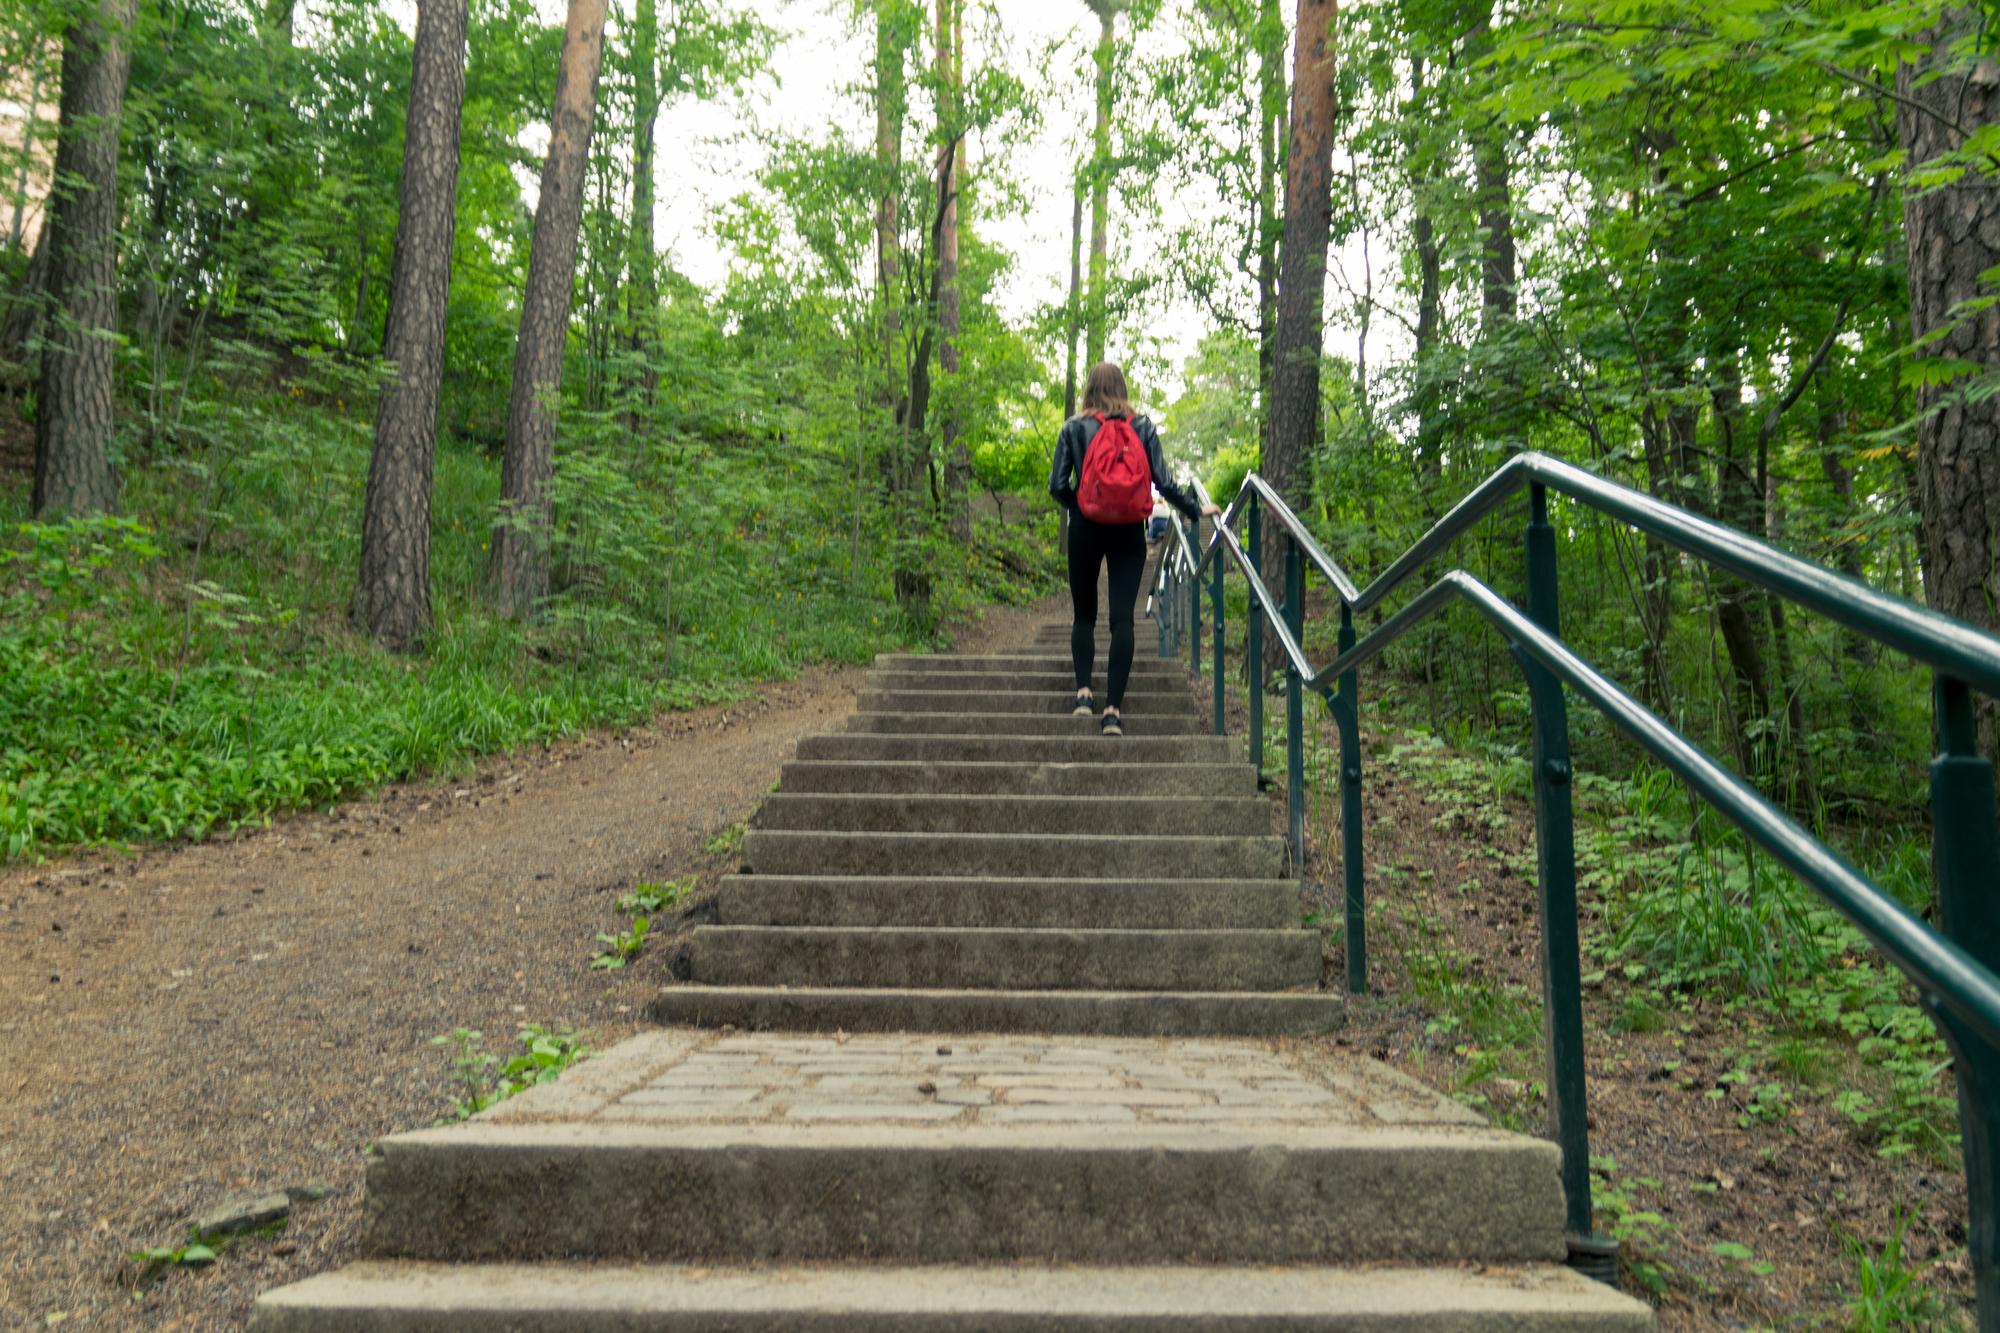 Tampereen nähtävyydet: Pyynikin näkötornin portaat